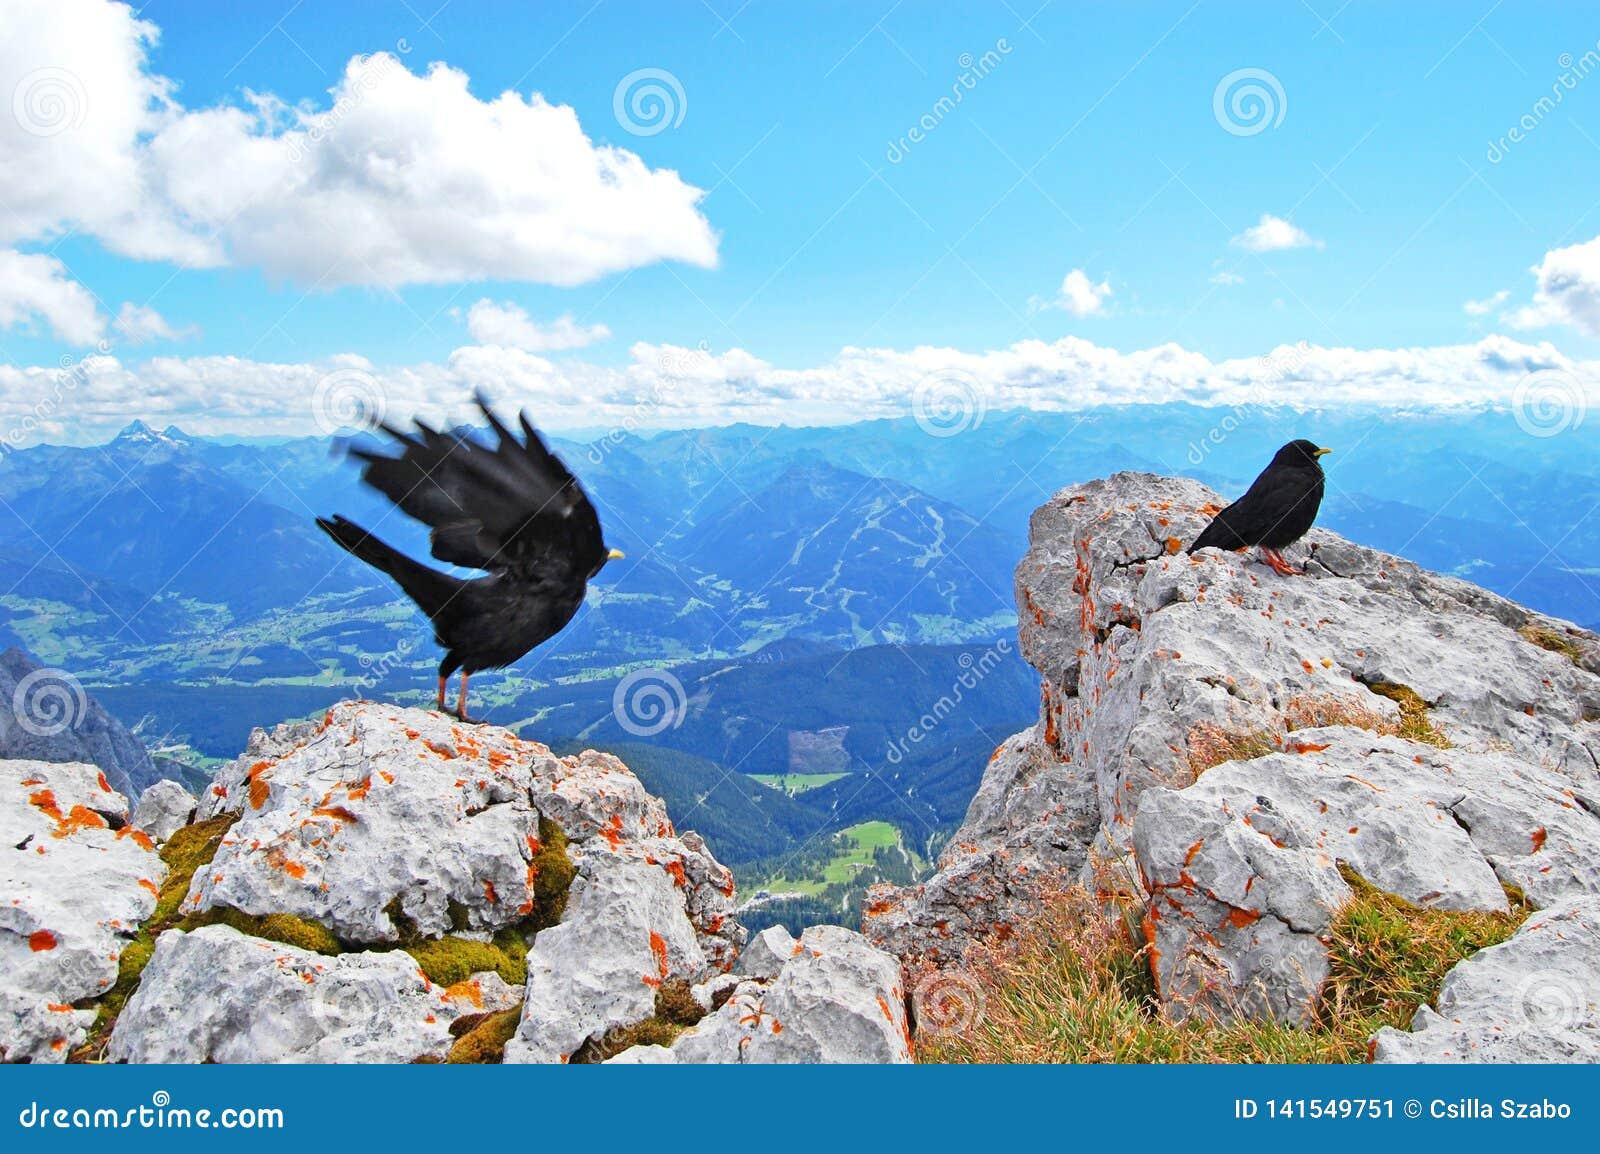 Pássaro preto no topo do mundo, beleza da natureza, paisagem alpina azul, céu azul, picos de montanha cobertos de neve